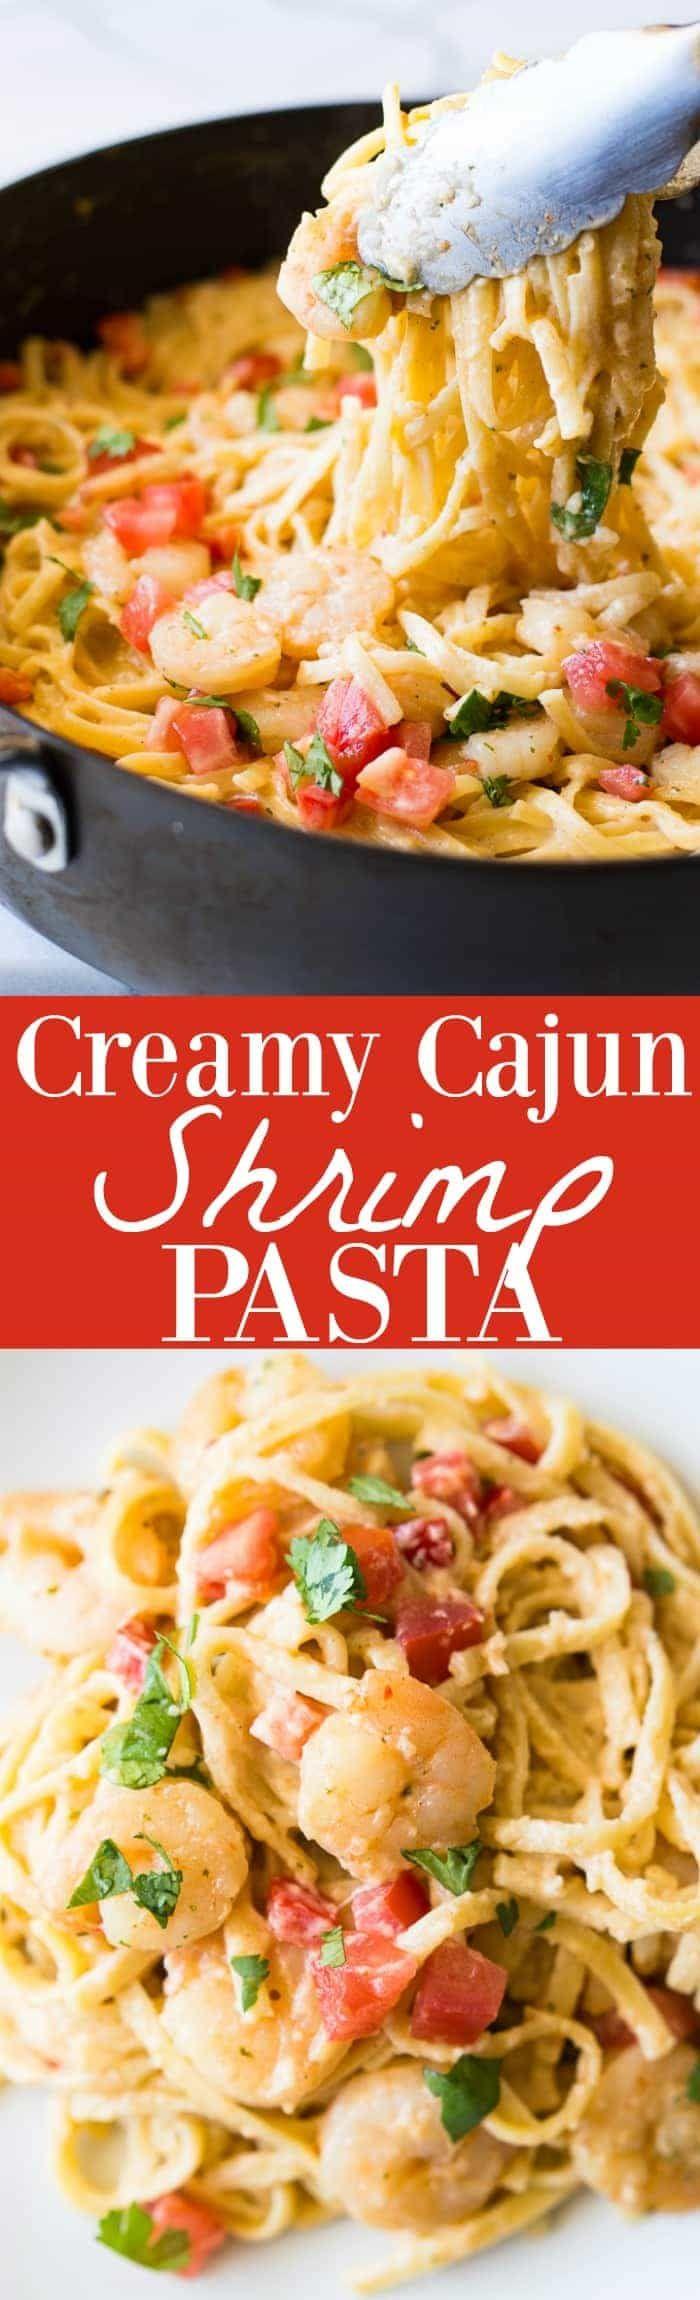 Creamy Cajun Shrimp Pasta Recipe Cajun Shrimp Pasta Pasta Dishes Creamy Pasta